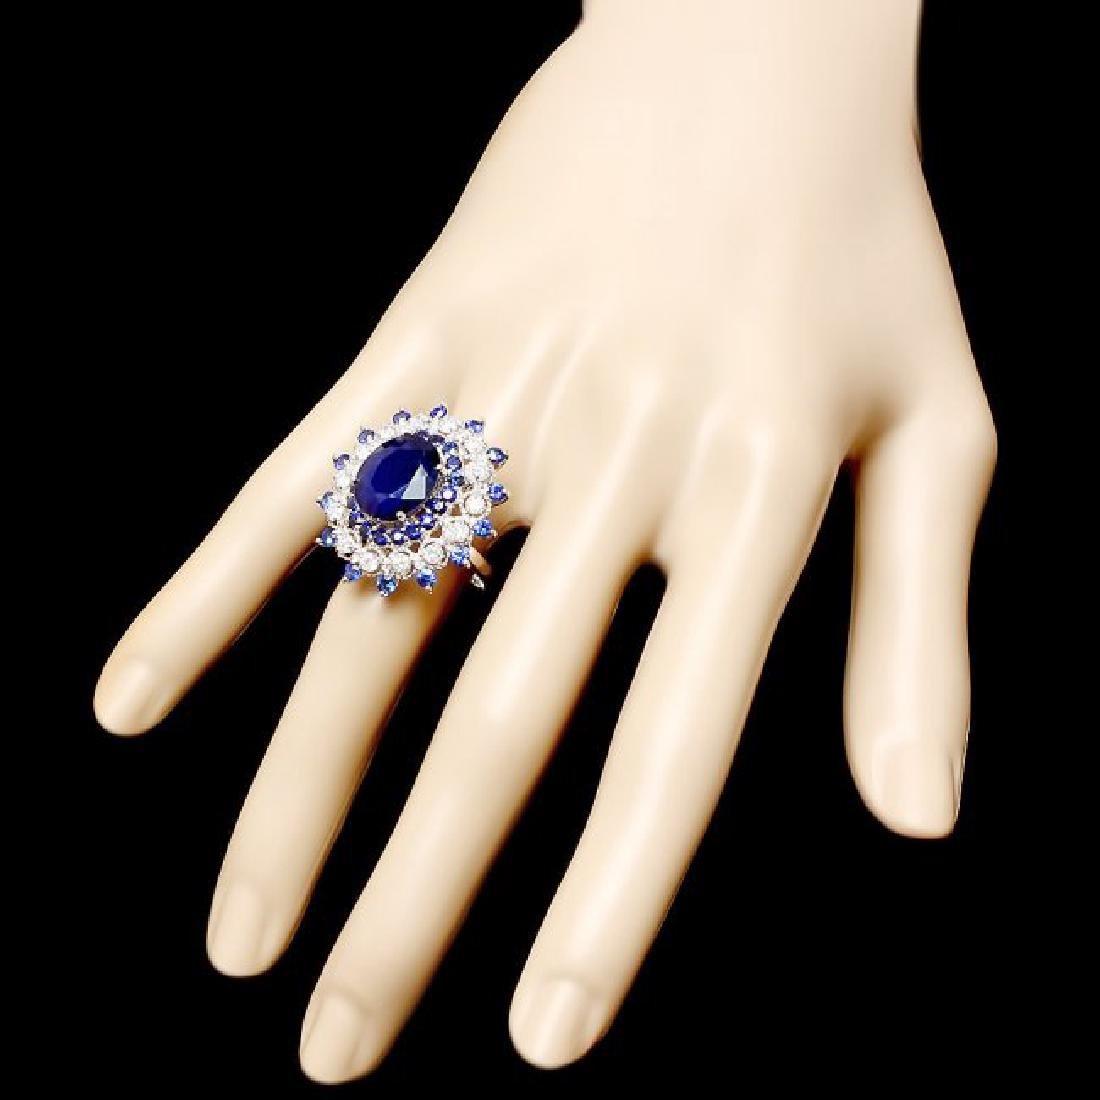 14k White Gold 9ct Sapphire 0.90ct Diamond Ring - 3